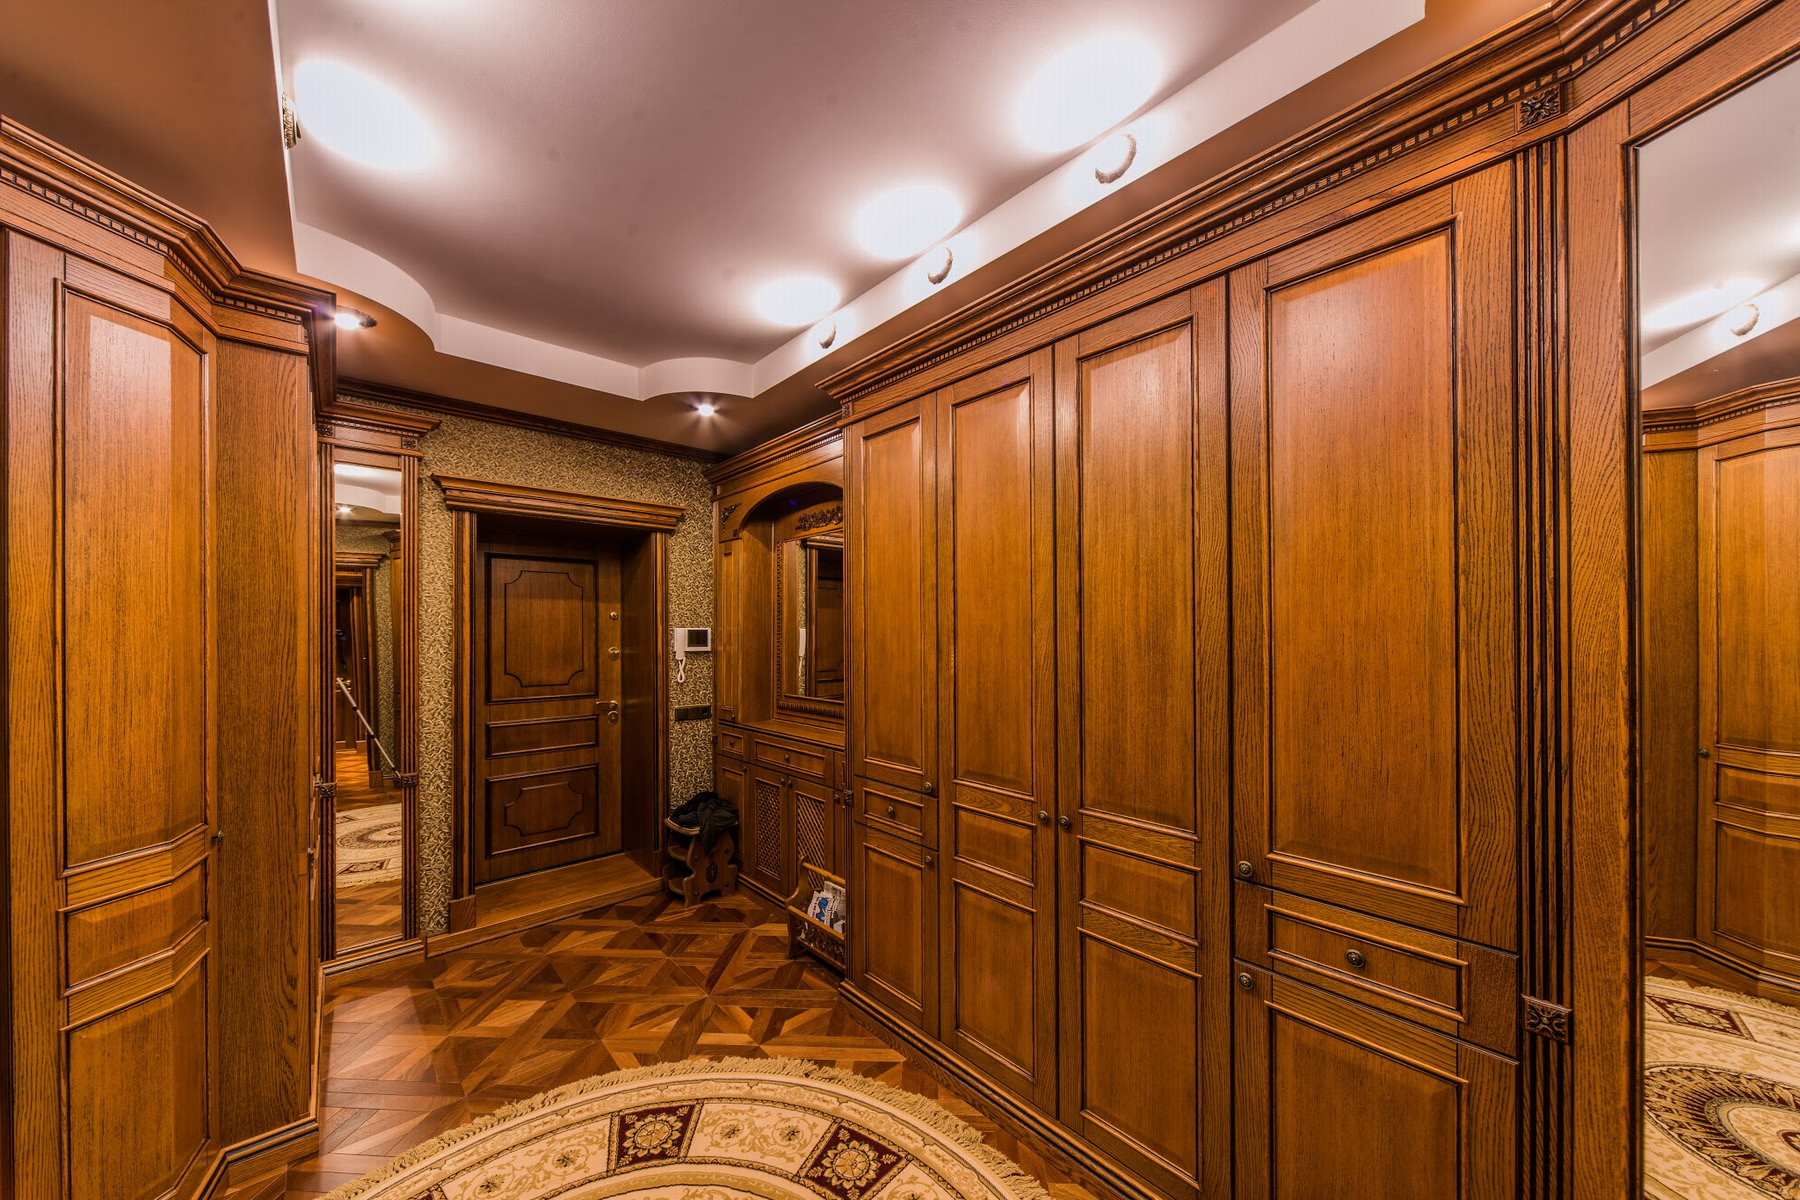 интерьер стильного дома из дерева